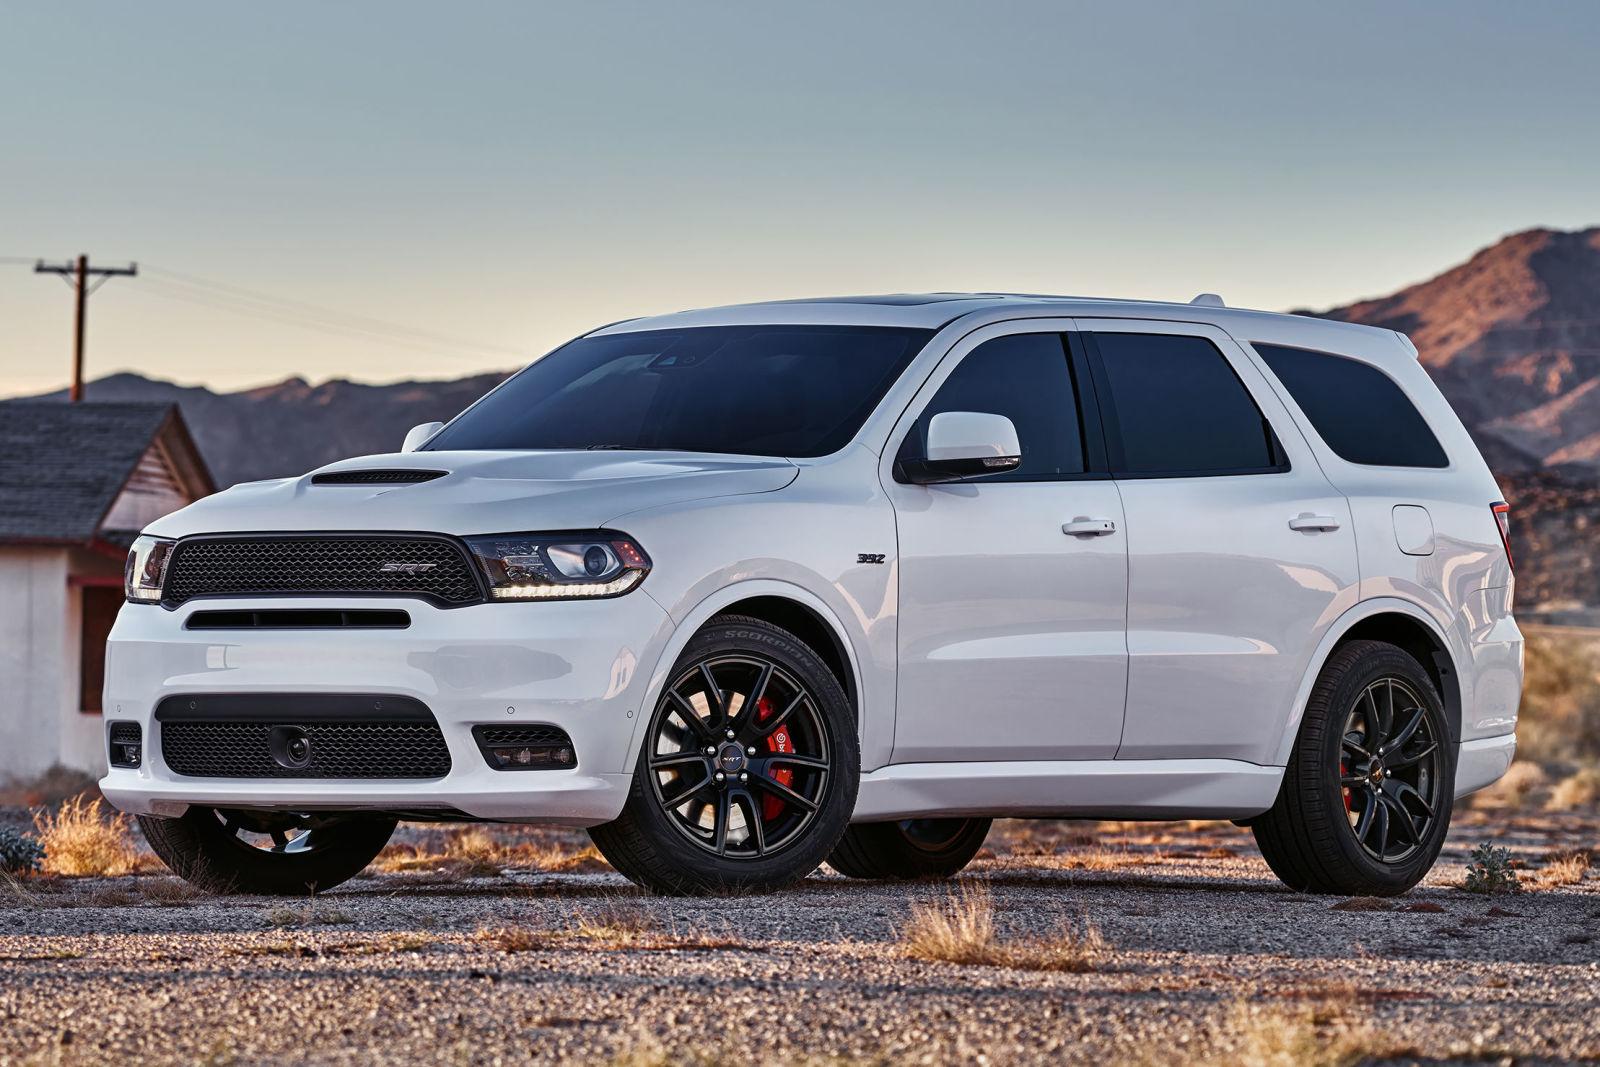 Dodge Durango Srt Lets Loose With A Four Wheel Burnout